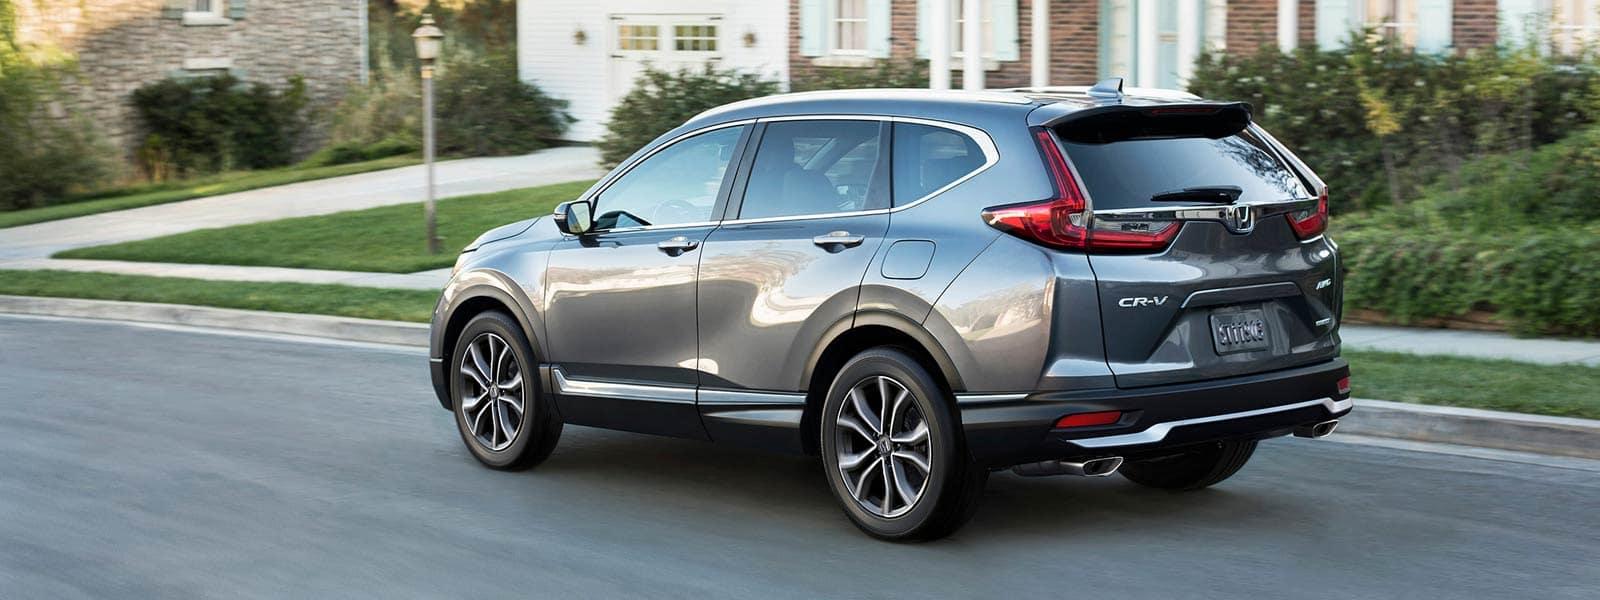 Buy 2021 Honda CR-V in Martinsville Virginia